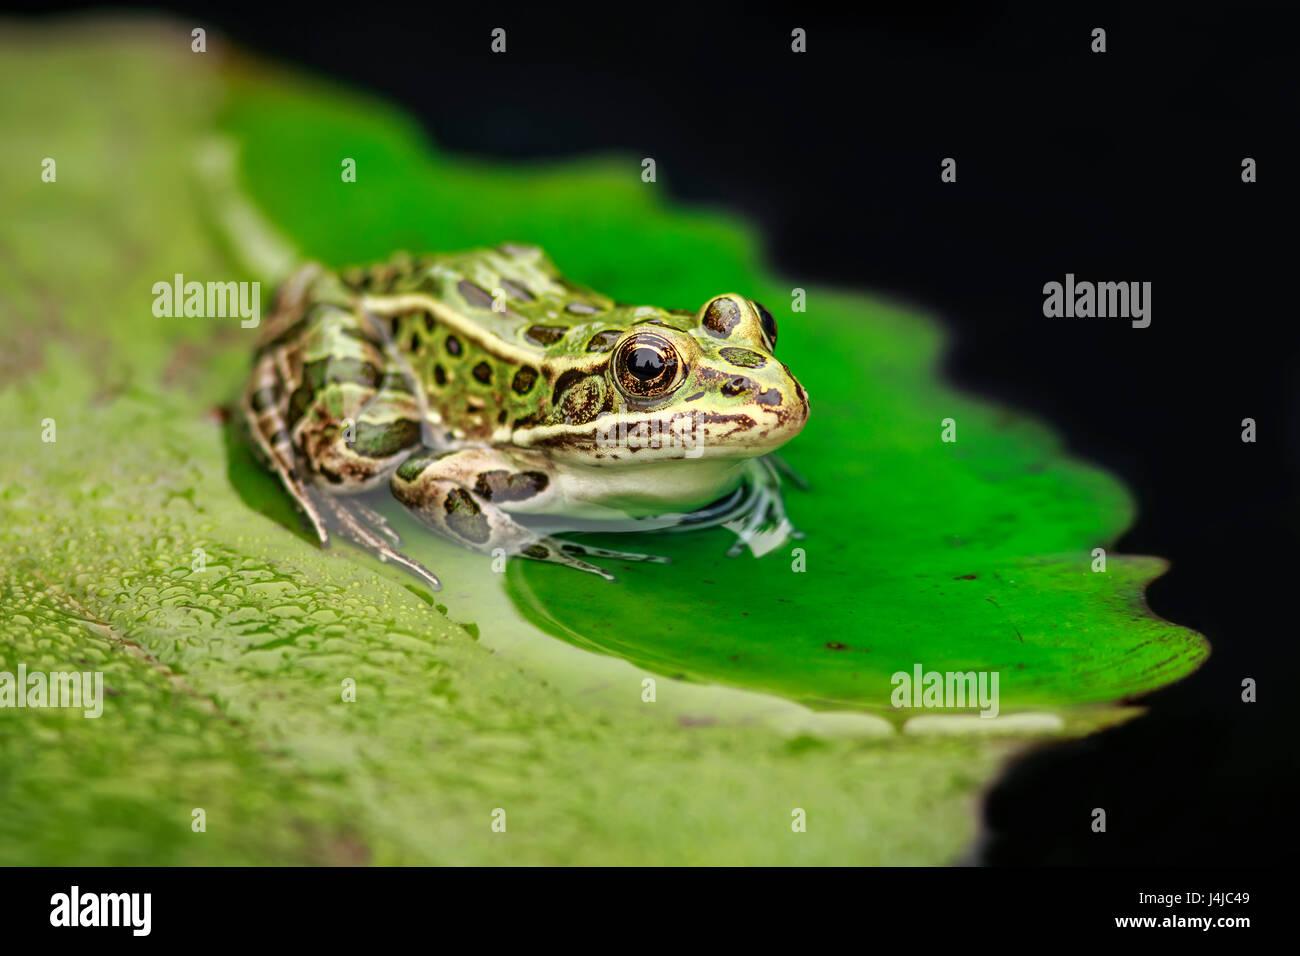 Una rana Leopardo del Norte sobre una hoja de lirio, cerrar Imagen De Stock